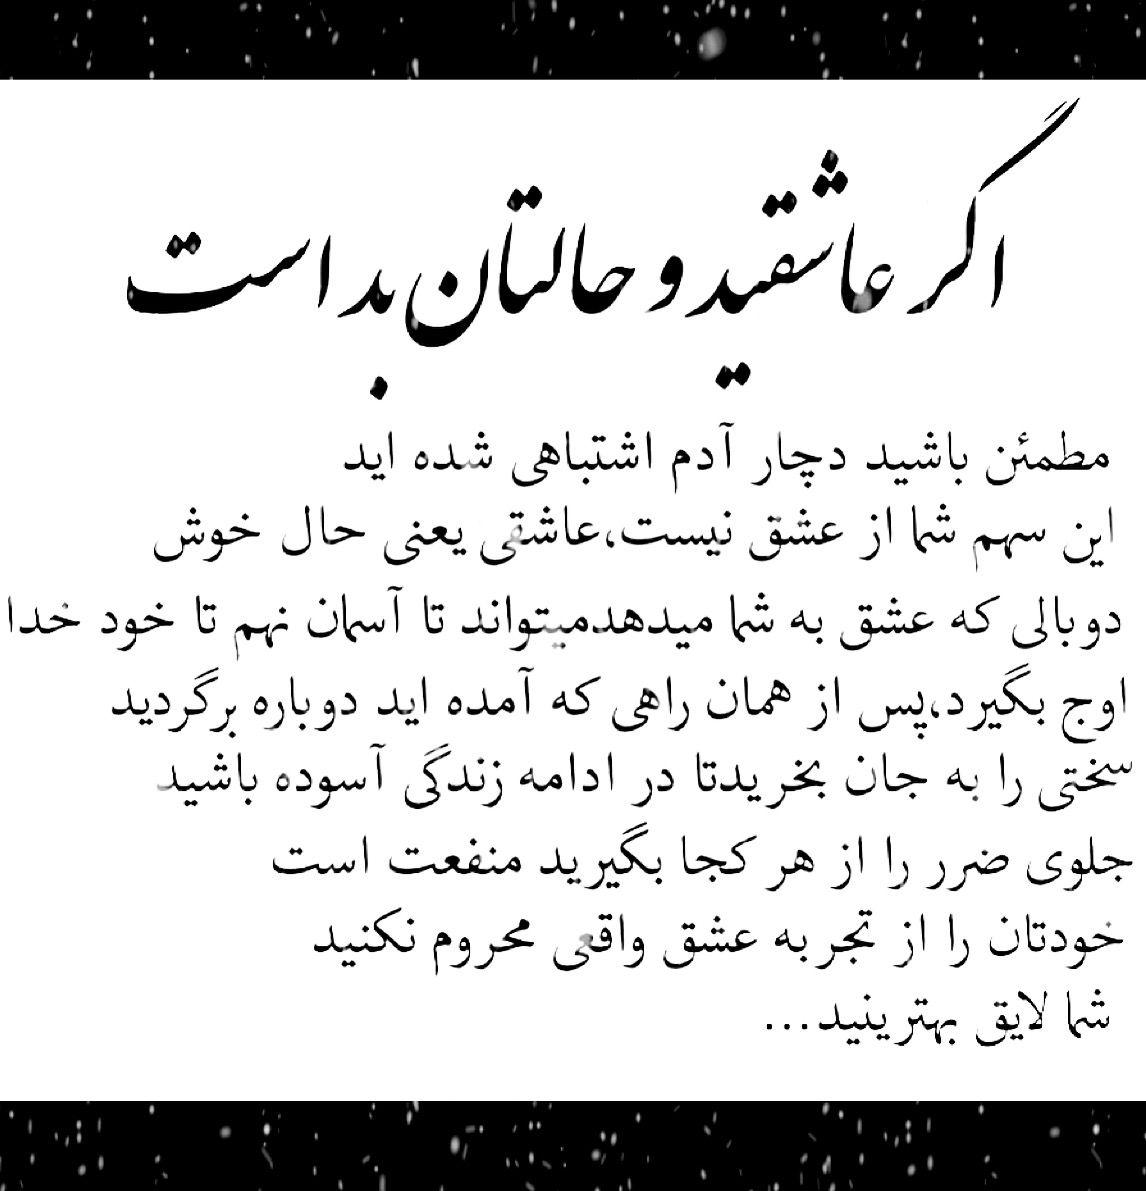 اگر عاشقید و حالتان بد است Weird Words Persian Quotes Iranian Quotes